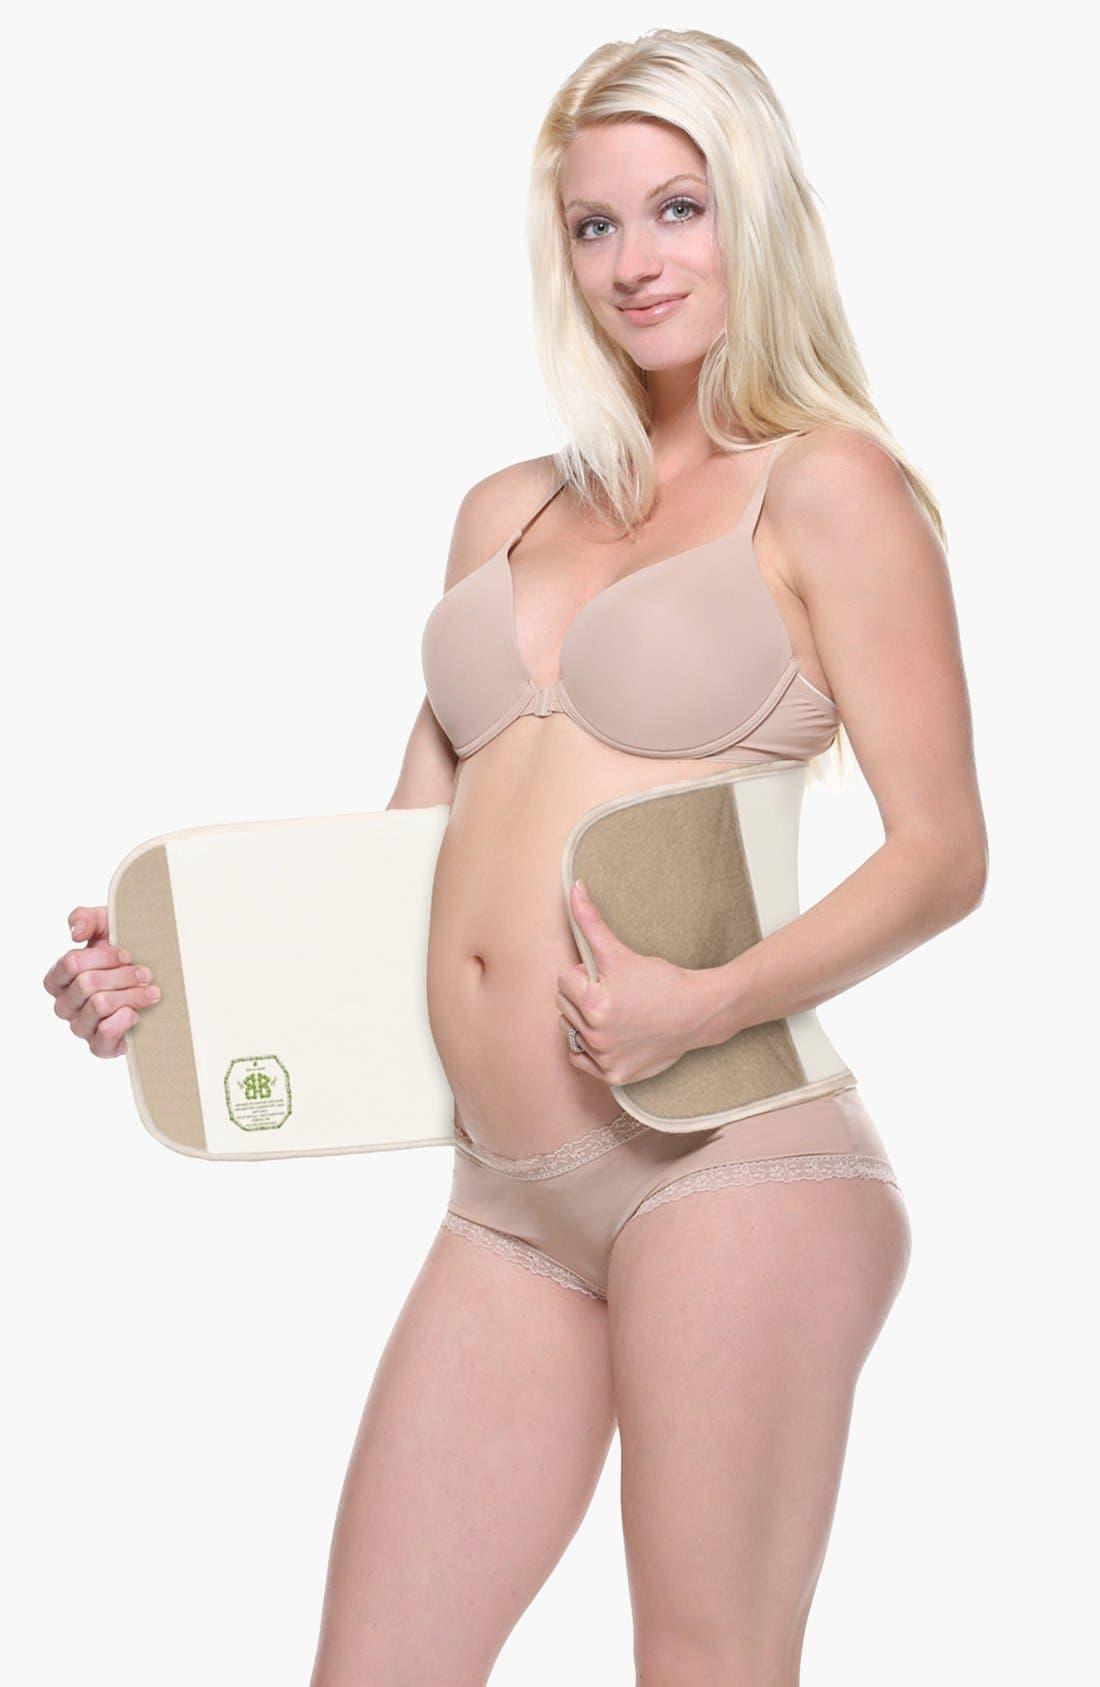 b538f0d5c72 Shapewear Post-Pregnancy Essentials